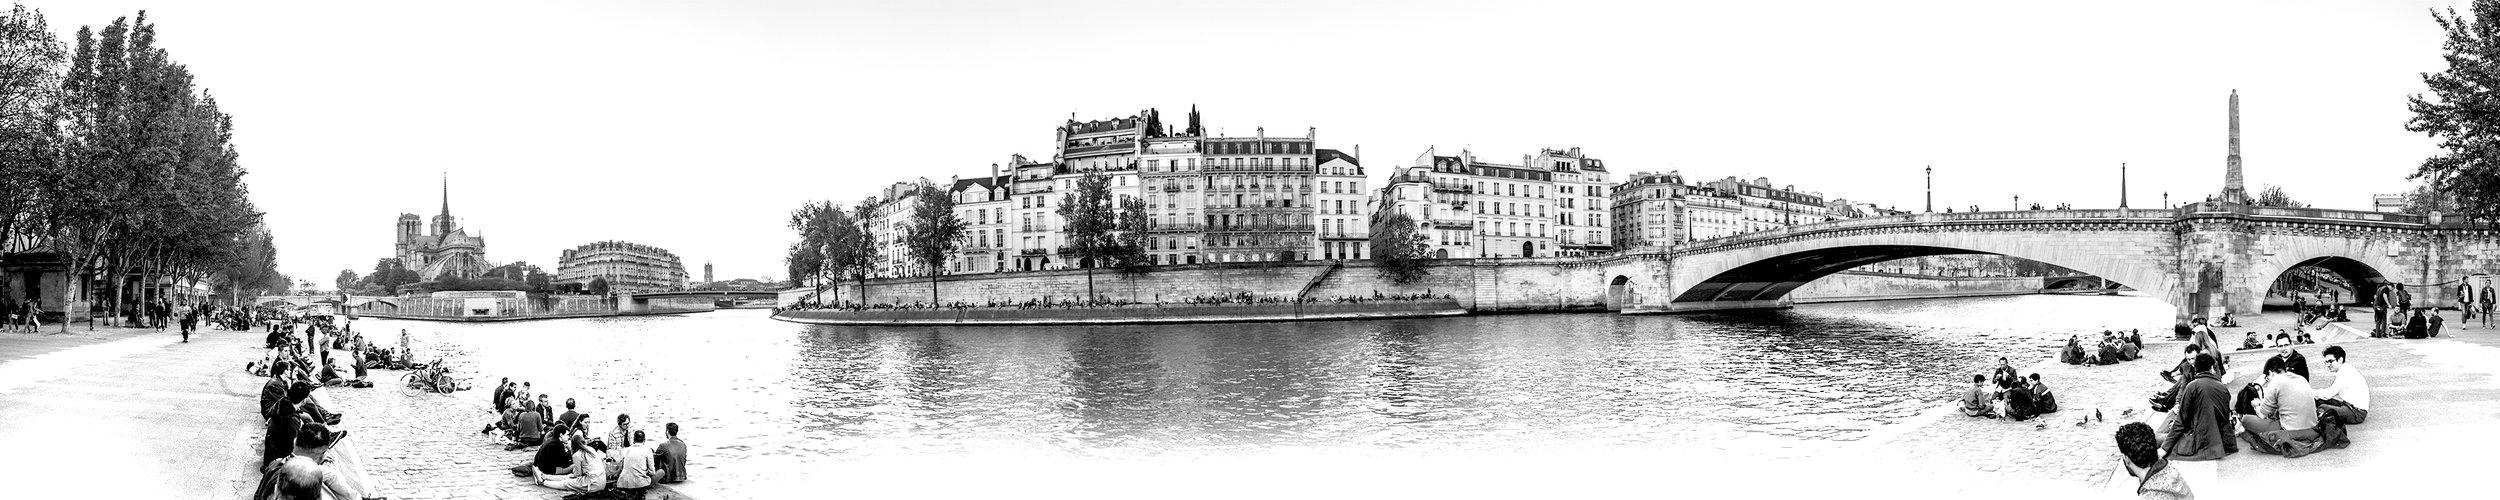 To Notre Dame FR201317pan.jpg